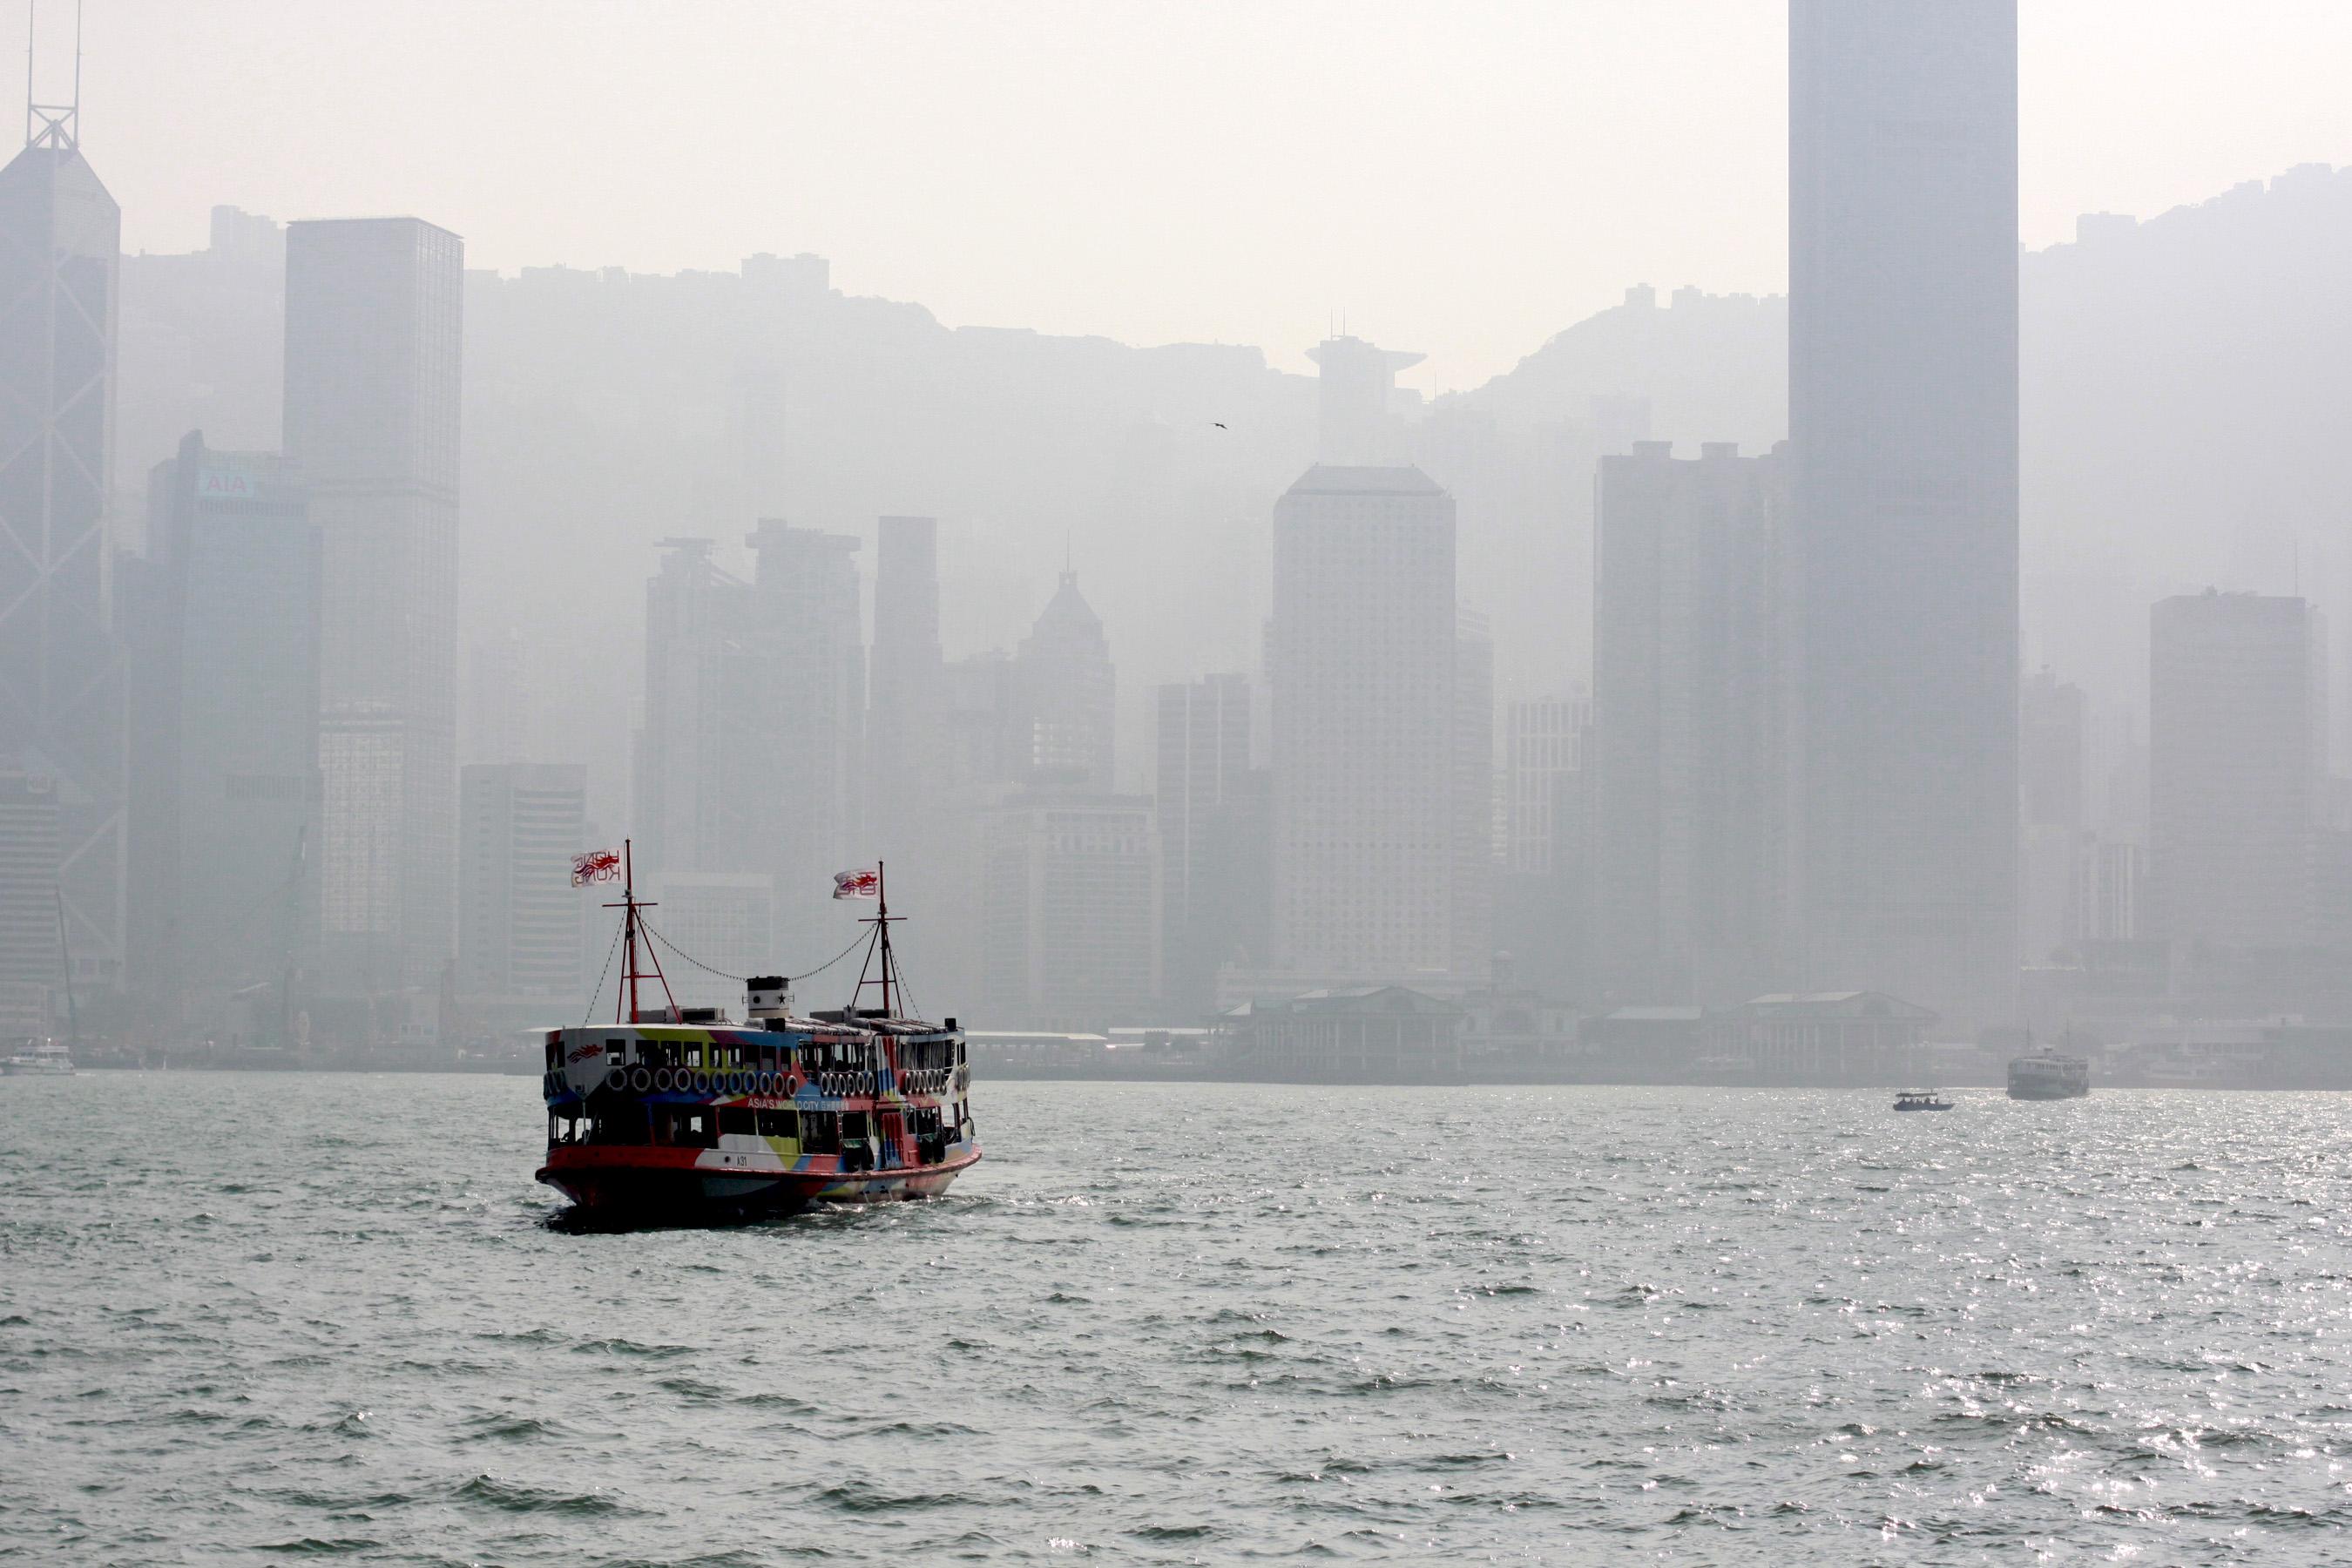 Ferry dans la baie de HK